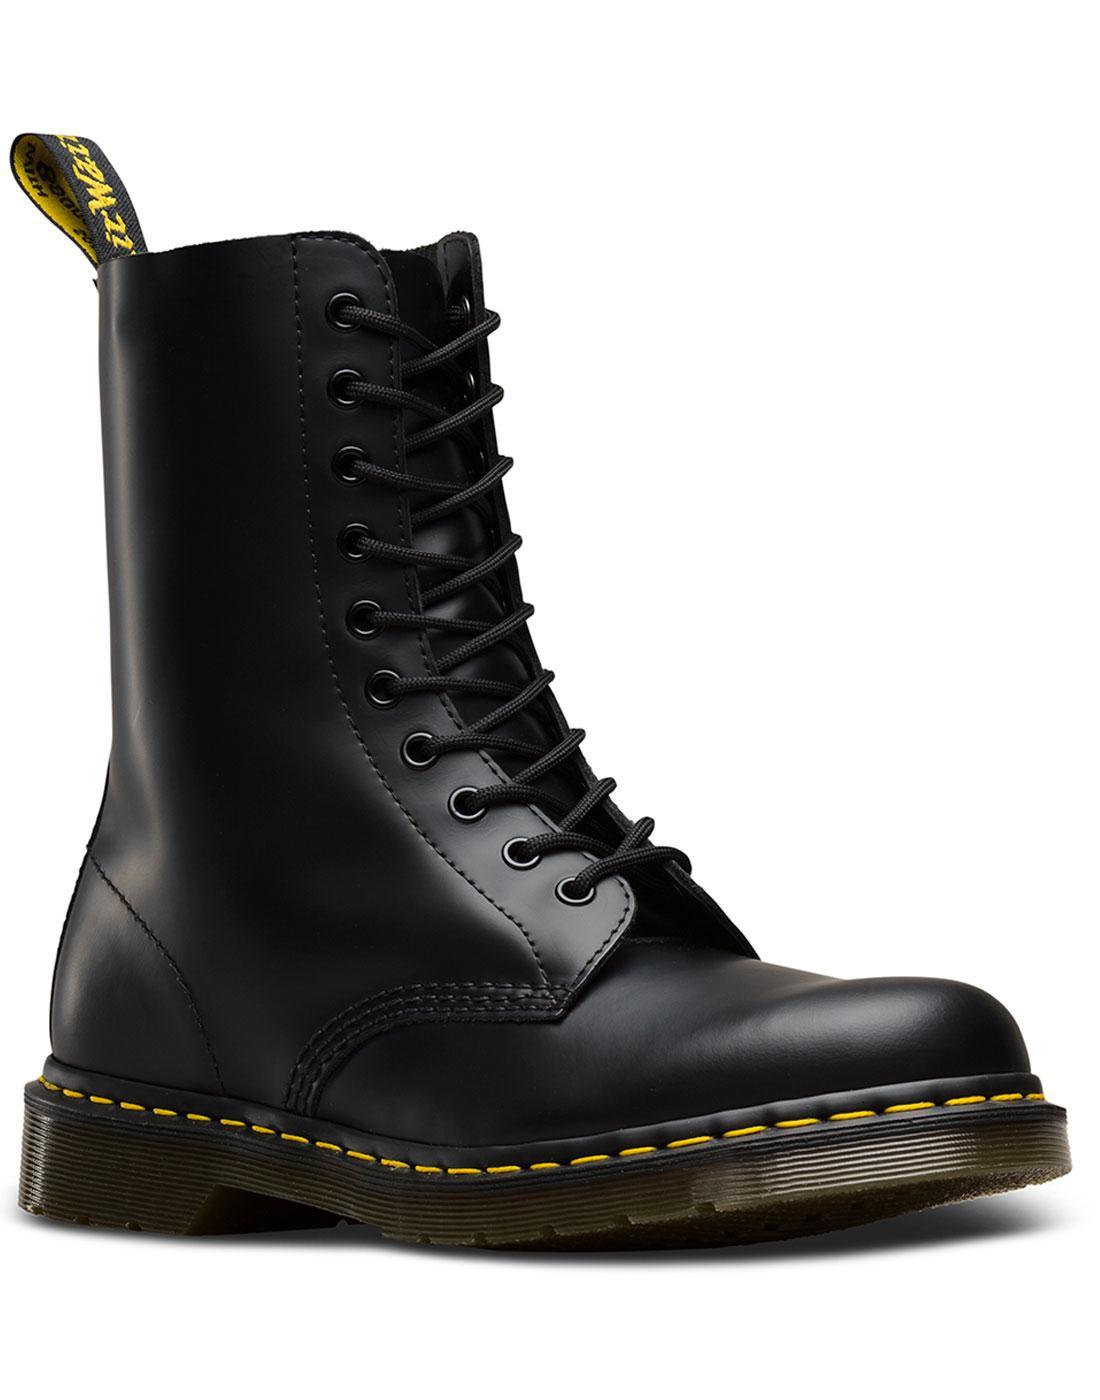 1490 Smooth DR MARTENS Mod 10 Eyelet Boots BLACK